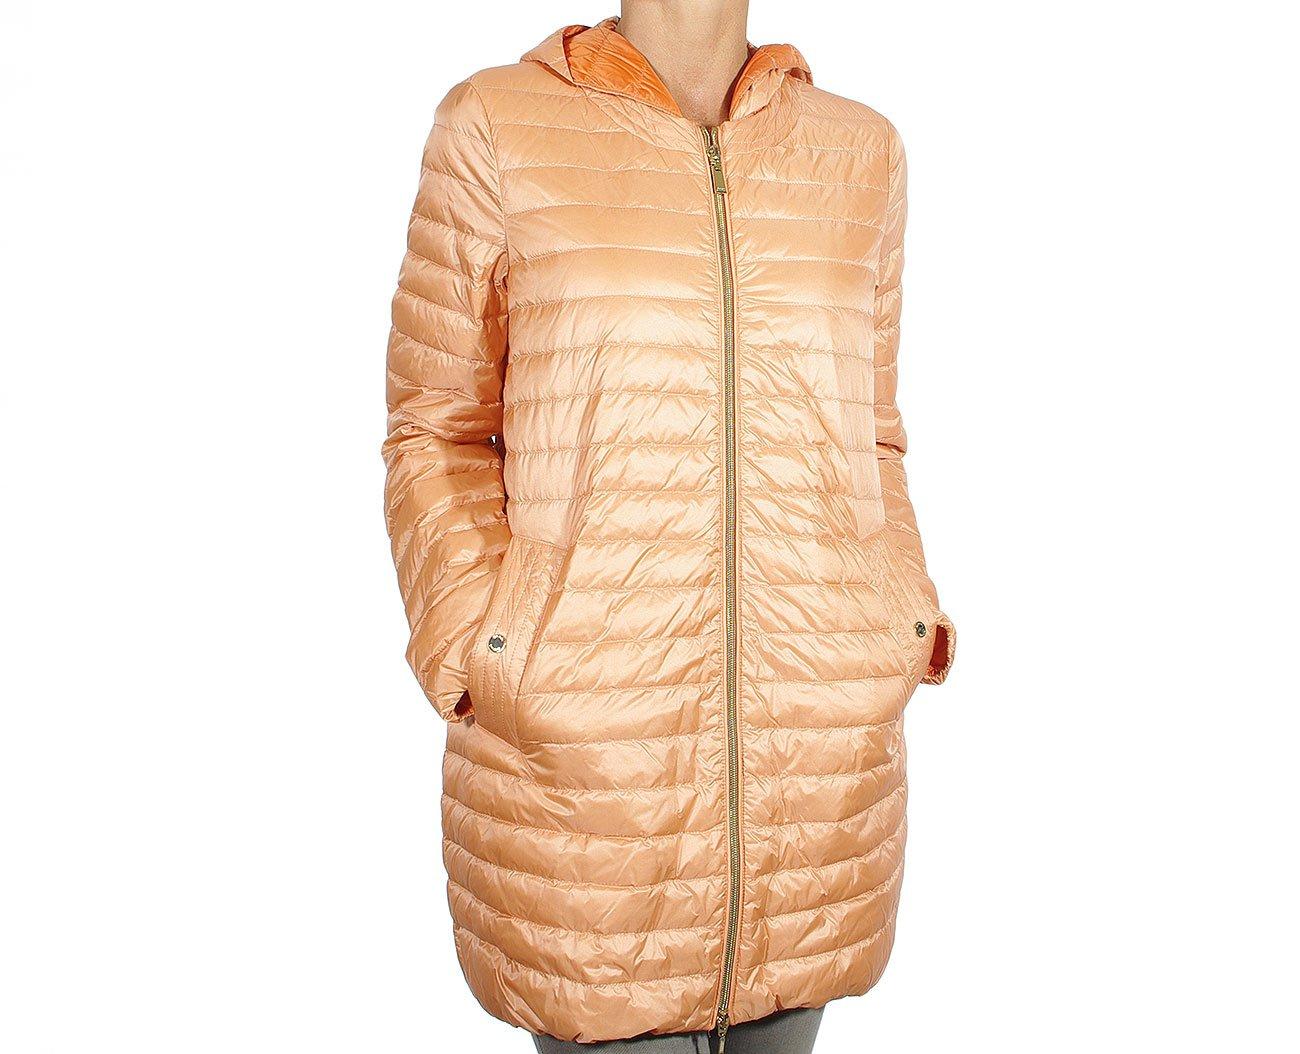 GEOX W8225C kurtka woman jacket brt salmon/muskmelon